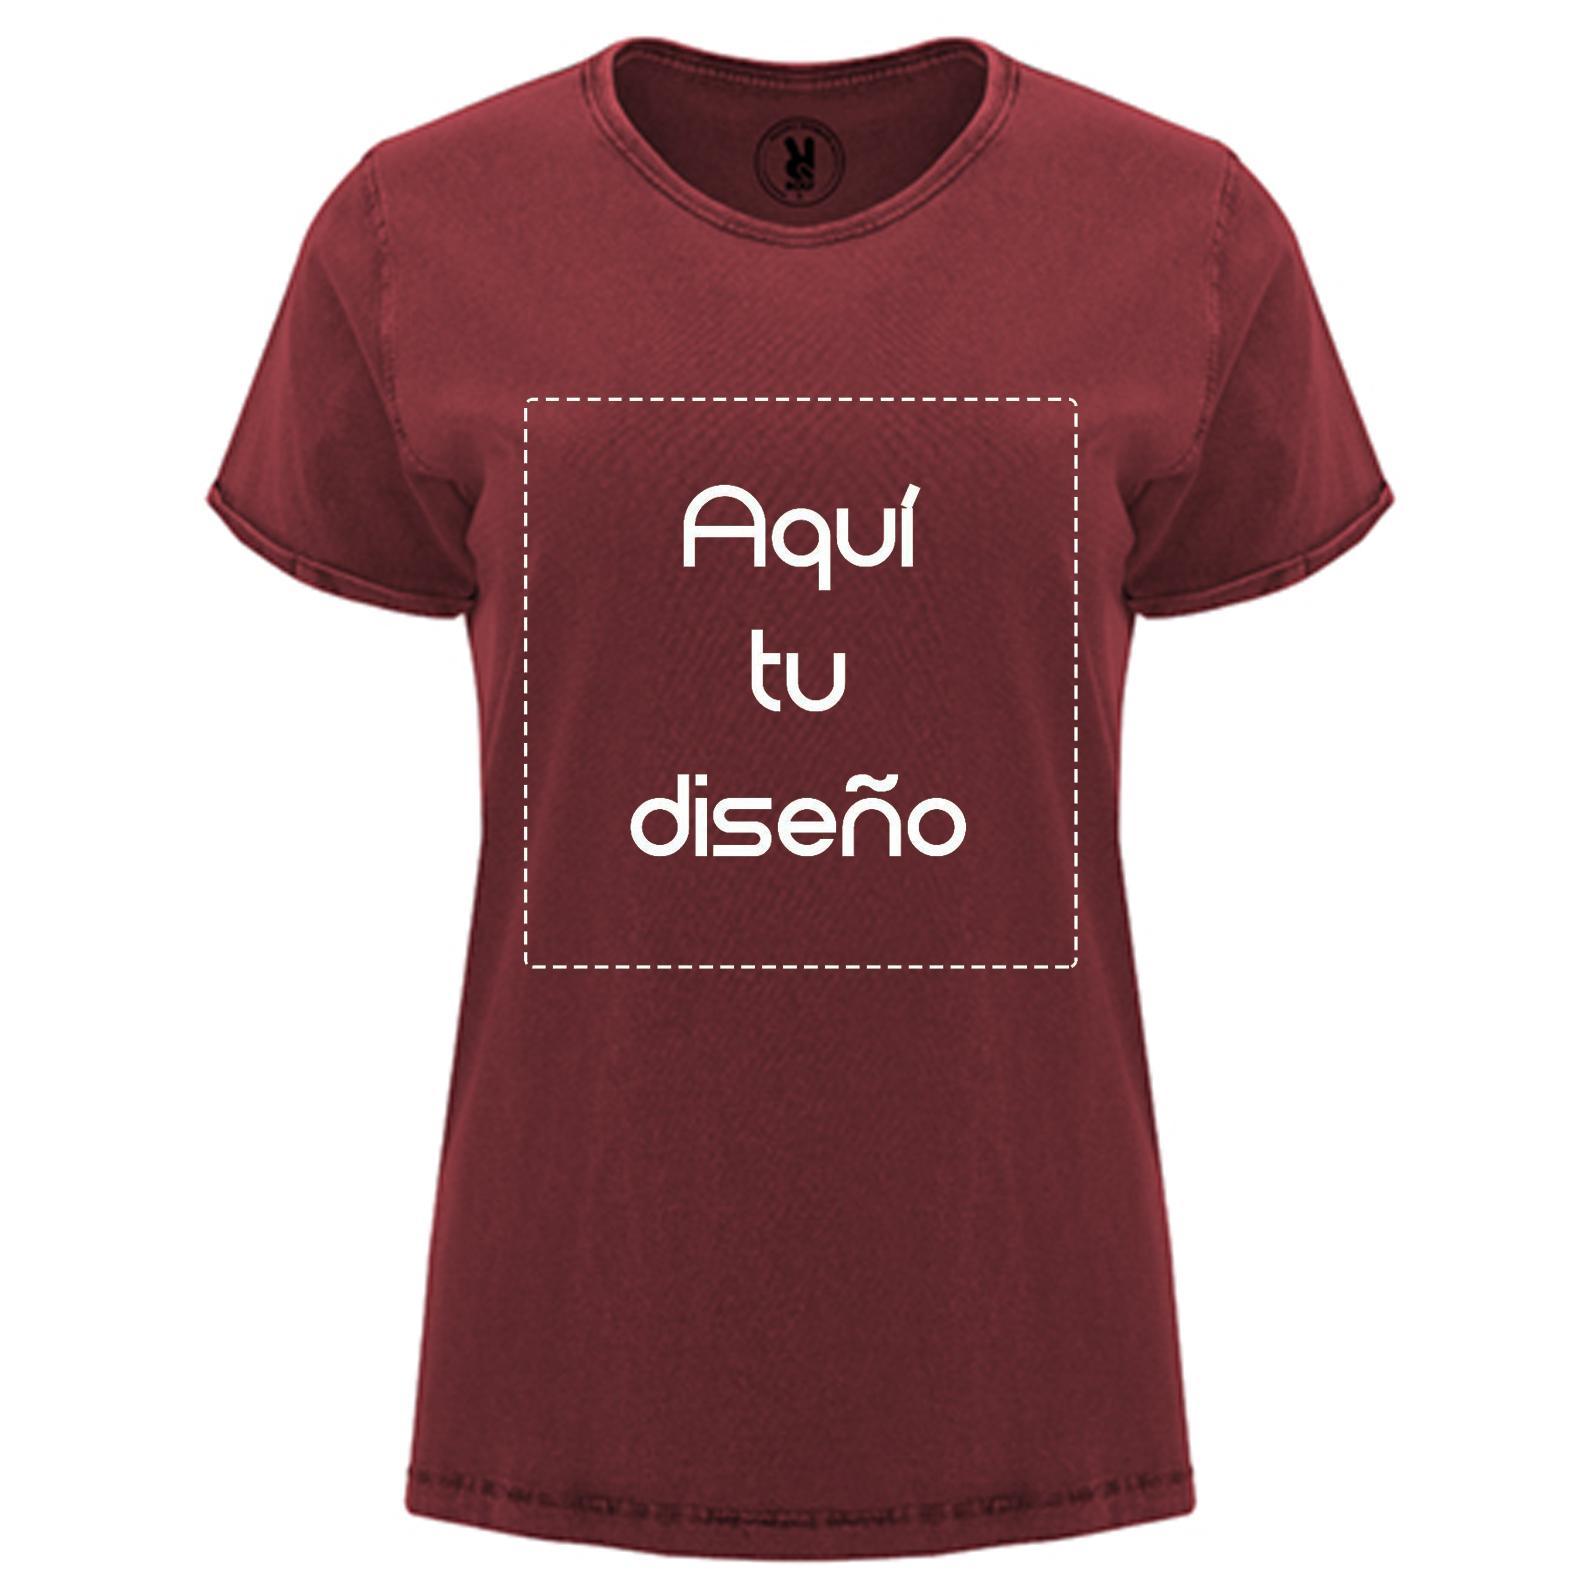 Camiseta vintage roja mujer